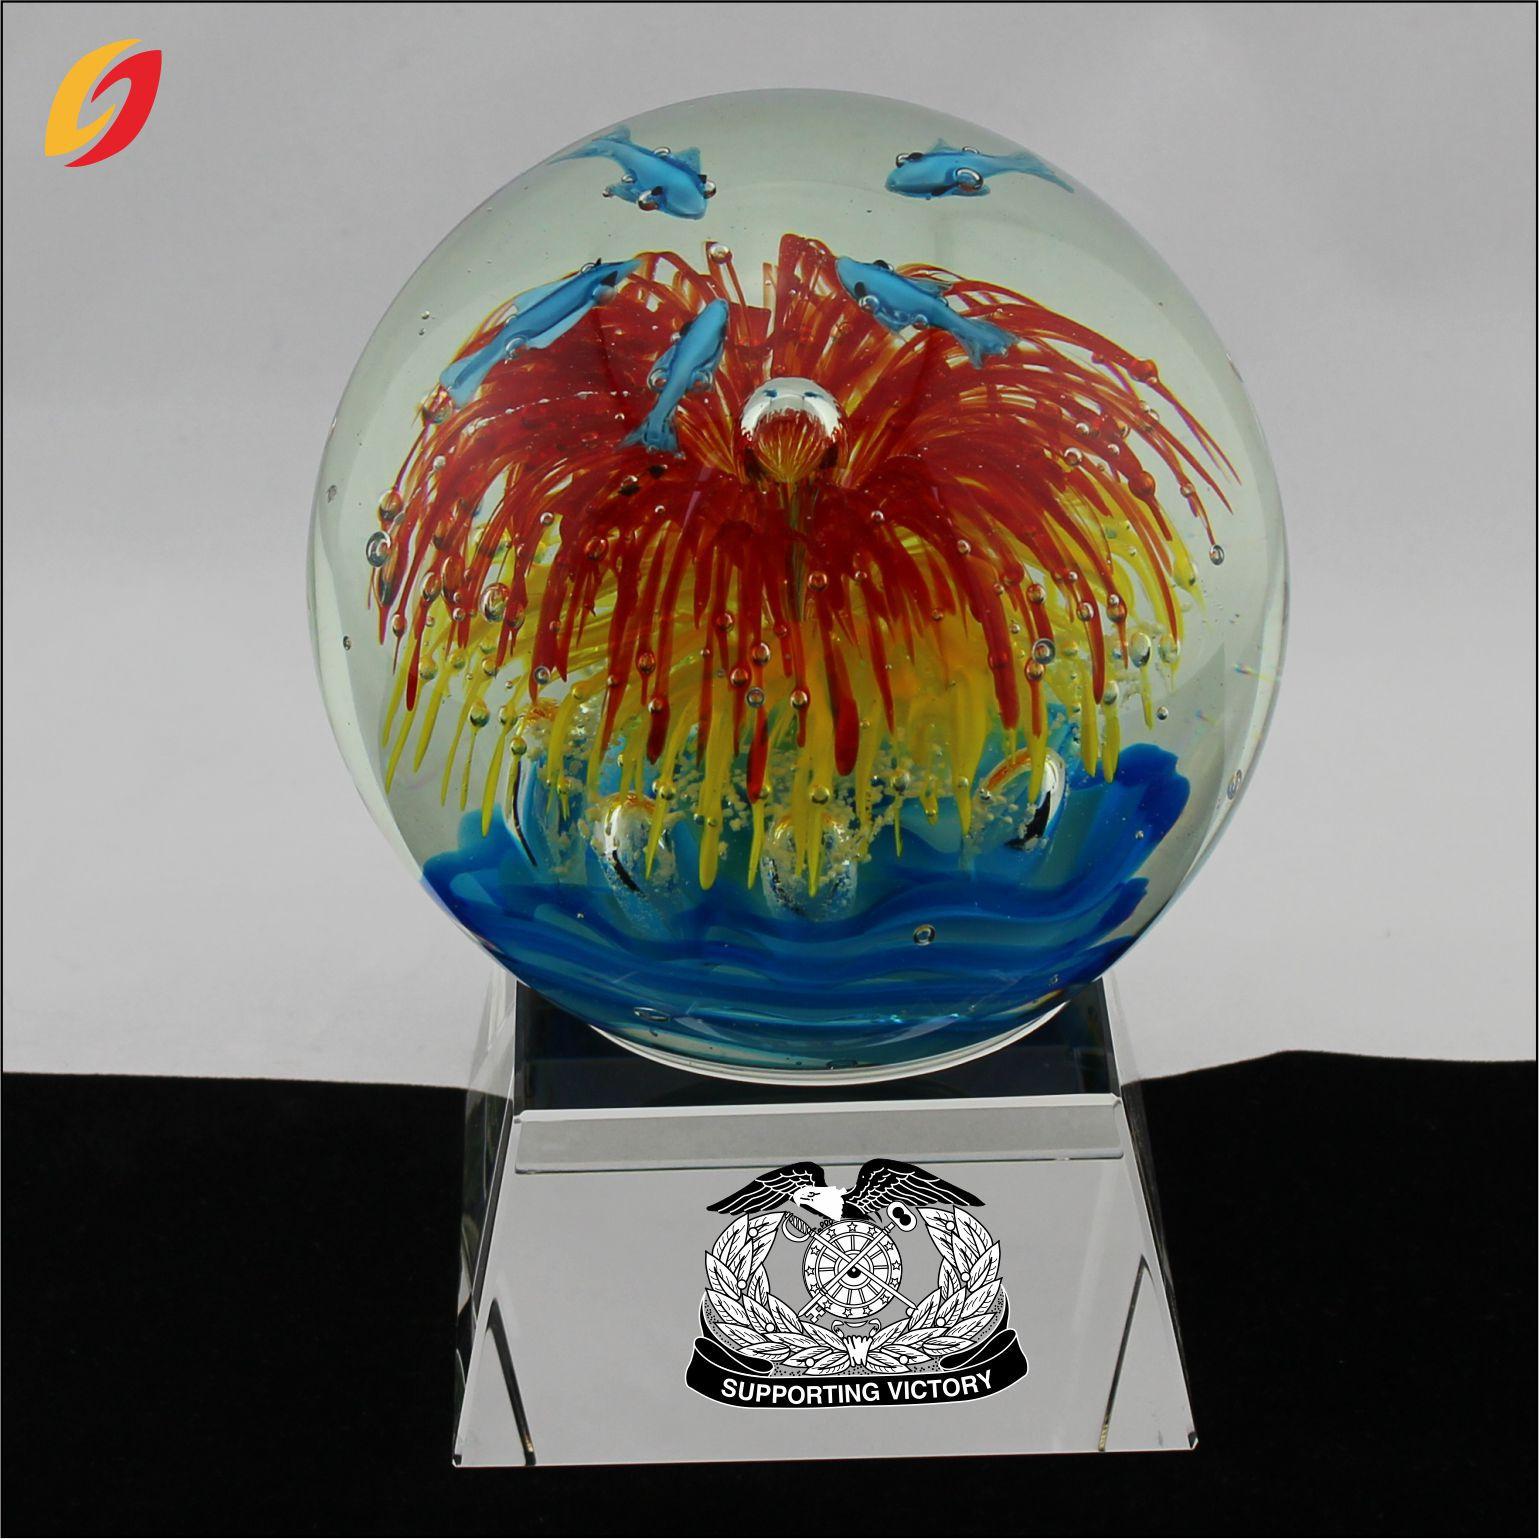 琉璃水晶球 风水琉璃球 玻璃球 风水摆件 琉璃工艺品 装饰品球